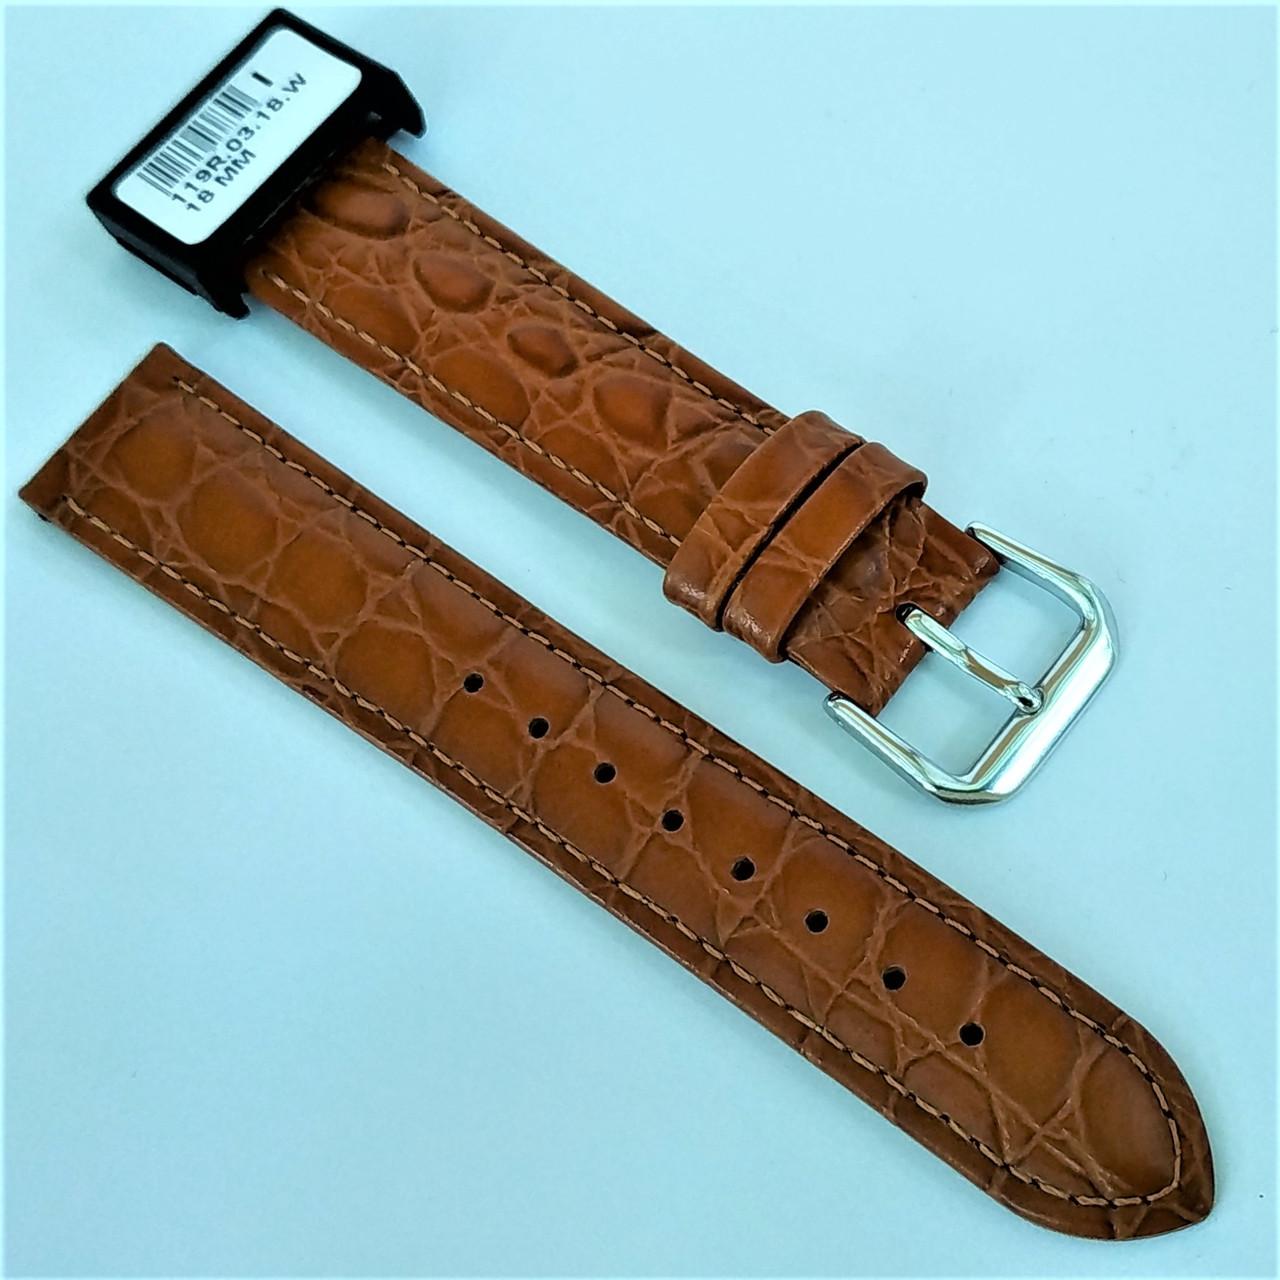 18 мм Кожаный Ремешок для часов CONDOR 119.18.03 Коричневый Ремешок на часы из Натуральной кожи